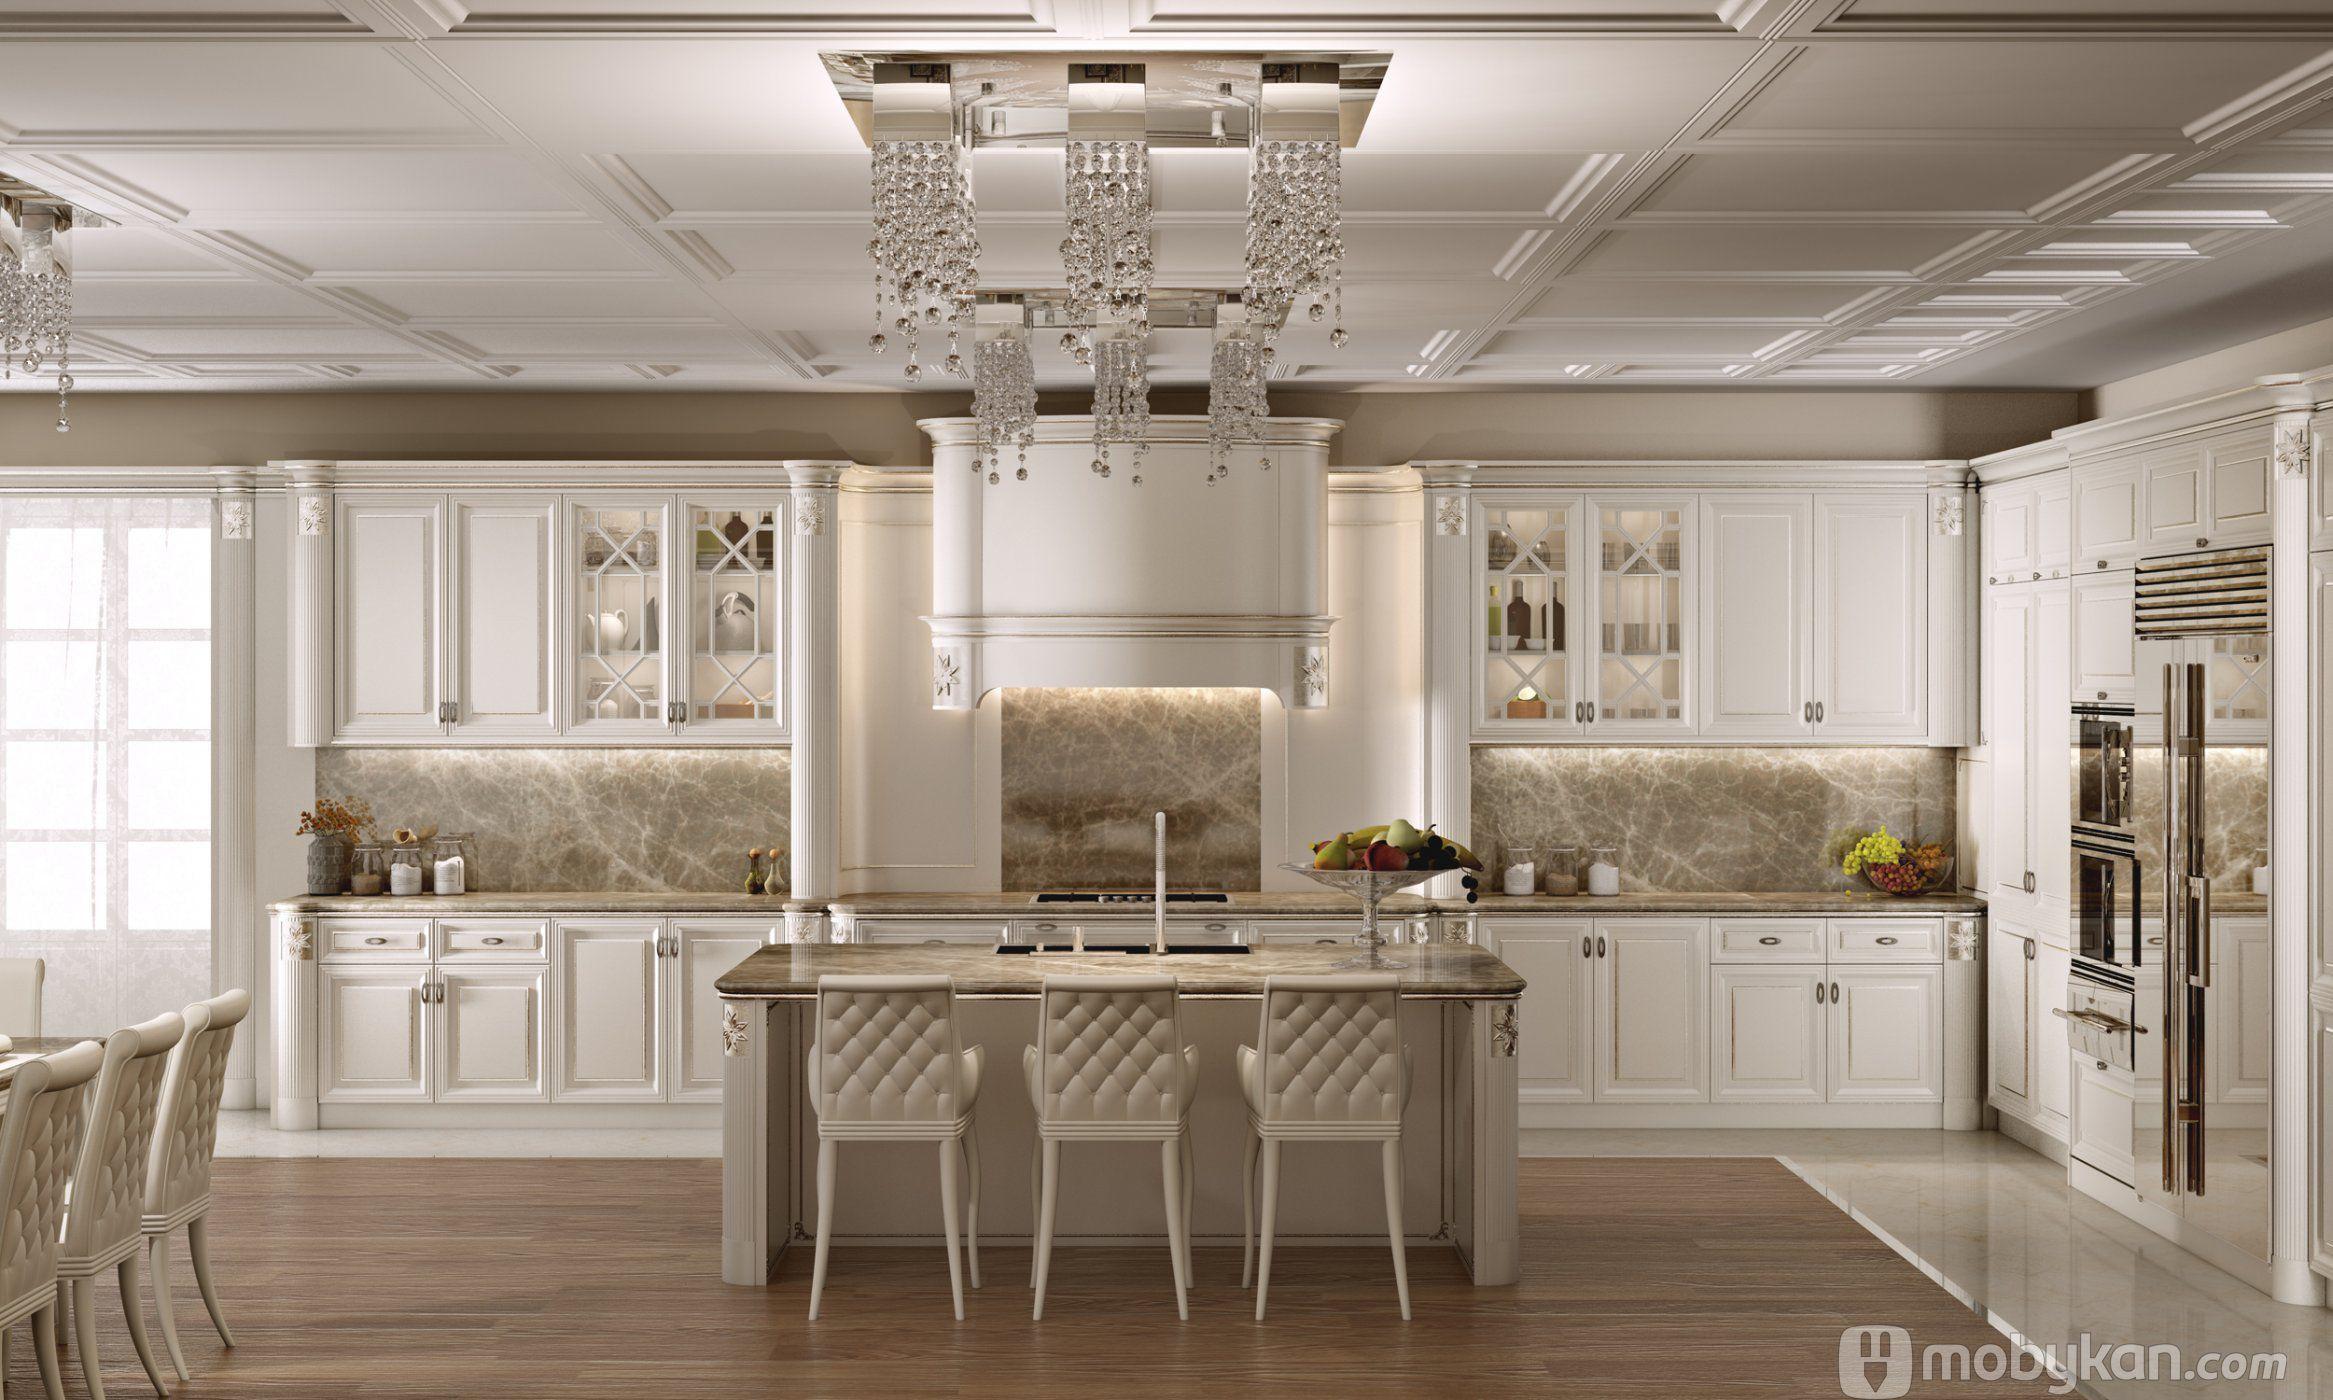 صور مطابخ حديثه و اشكال مطابخ مودرن و مميزه من موبيكان Classic Kitchens Traditional Kitchen Classic Kitchen Cabinets